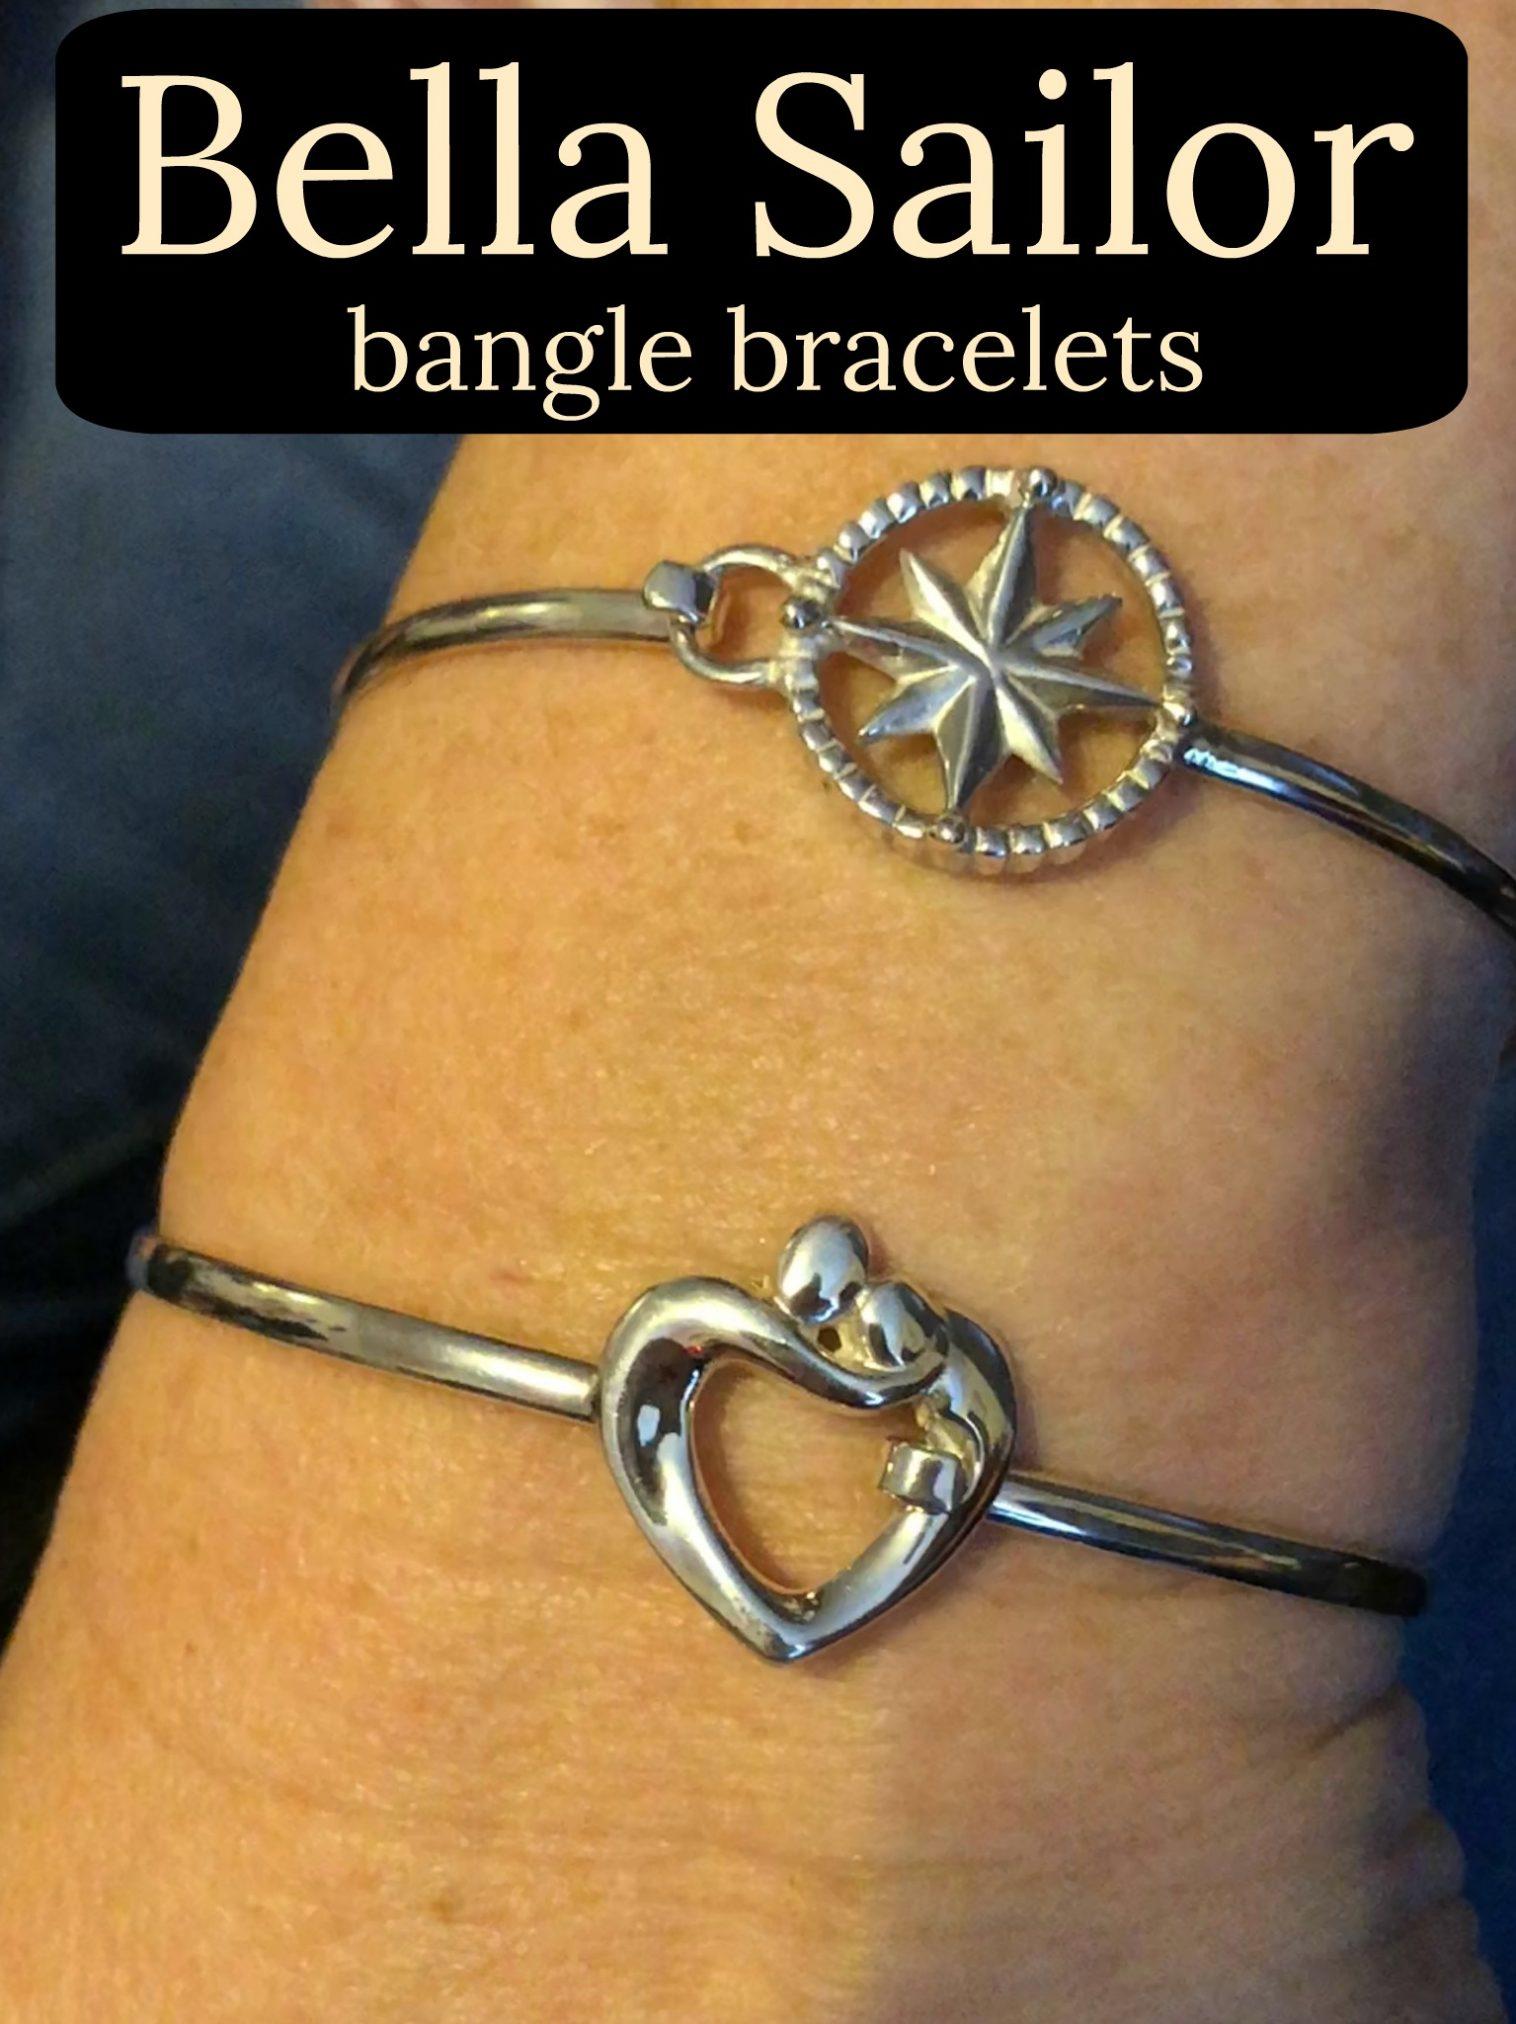 bella sailor bangle bracelets